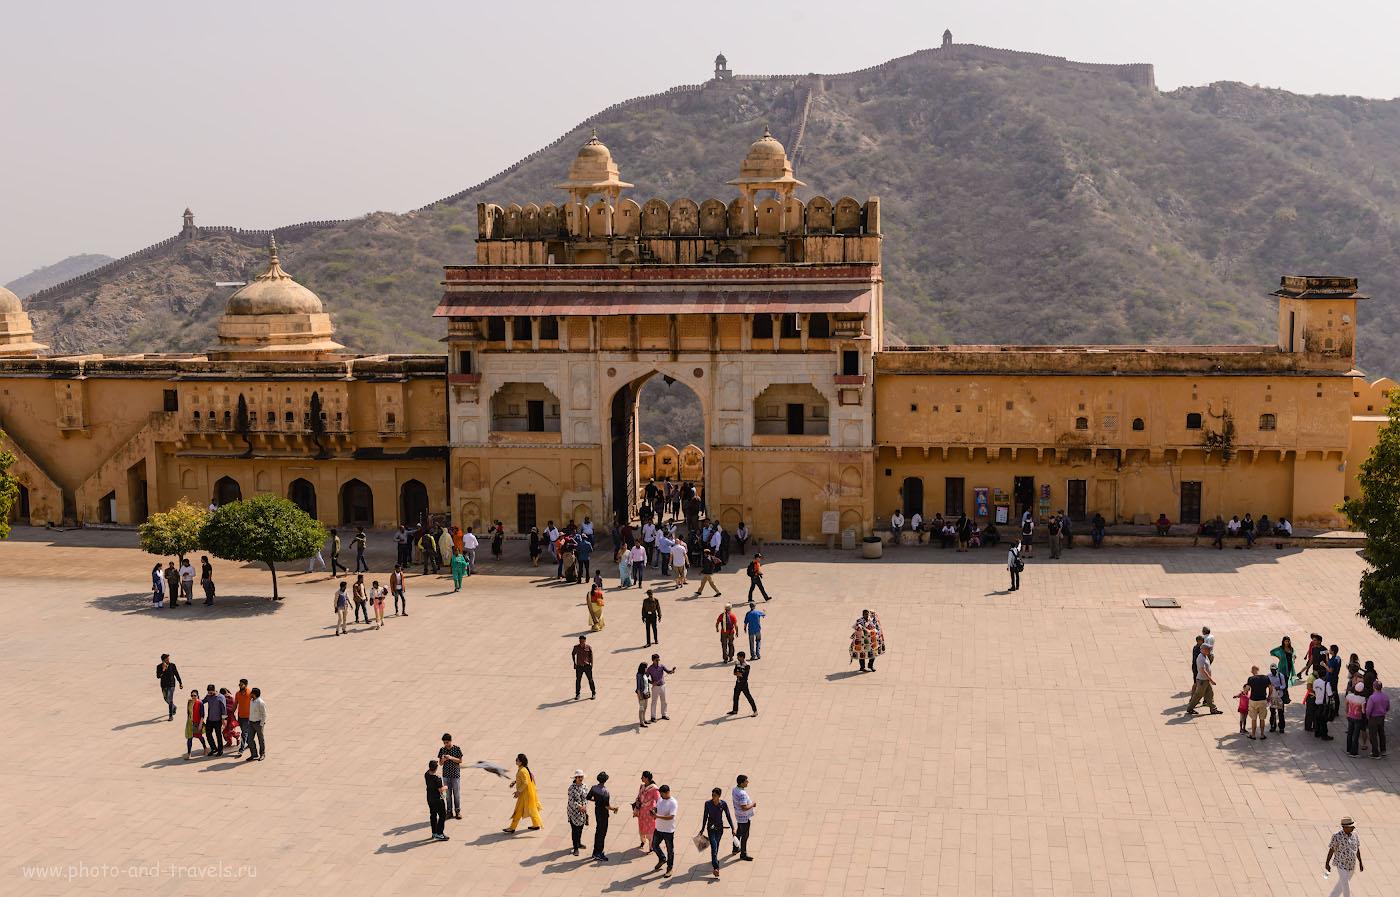 Фотография 7. Вход на территорию форта Амбер. Отчеты туристов об экскурсиях по Джайпуру самостоятельно. 1/320, -0.33, 8.0, 100, 38.